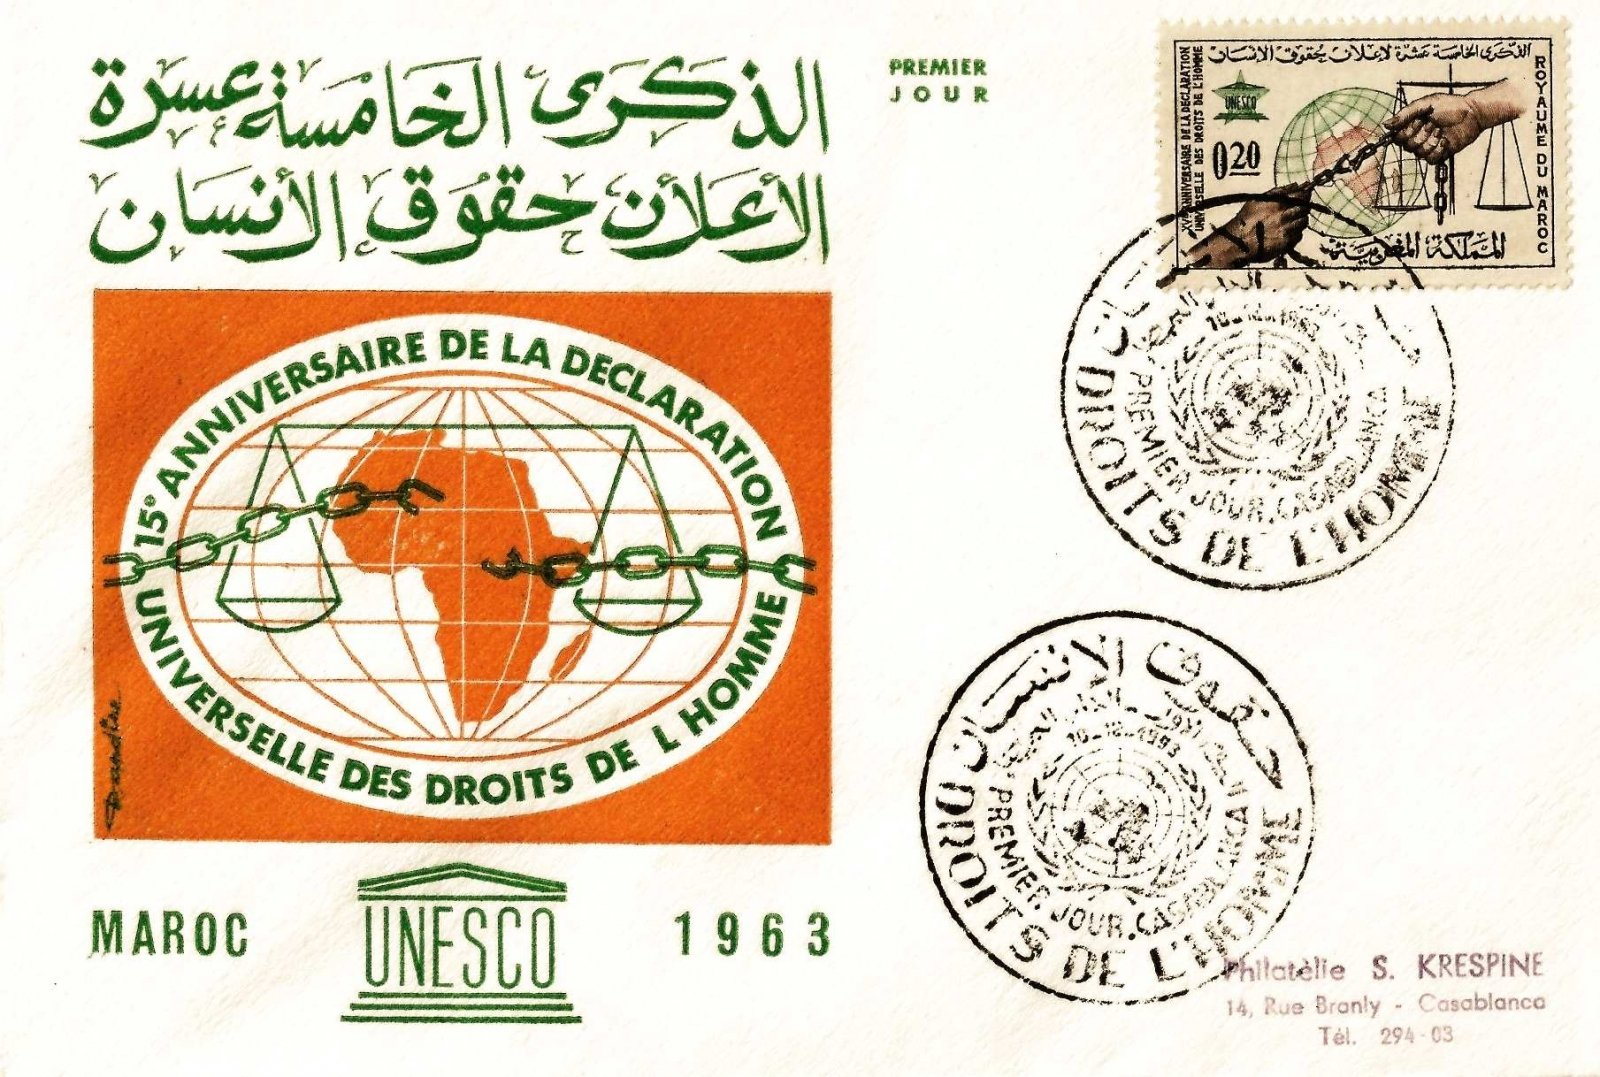 1963 unesco maroc